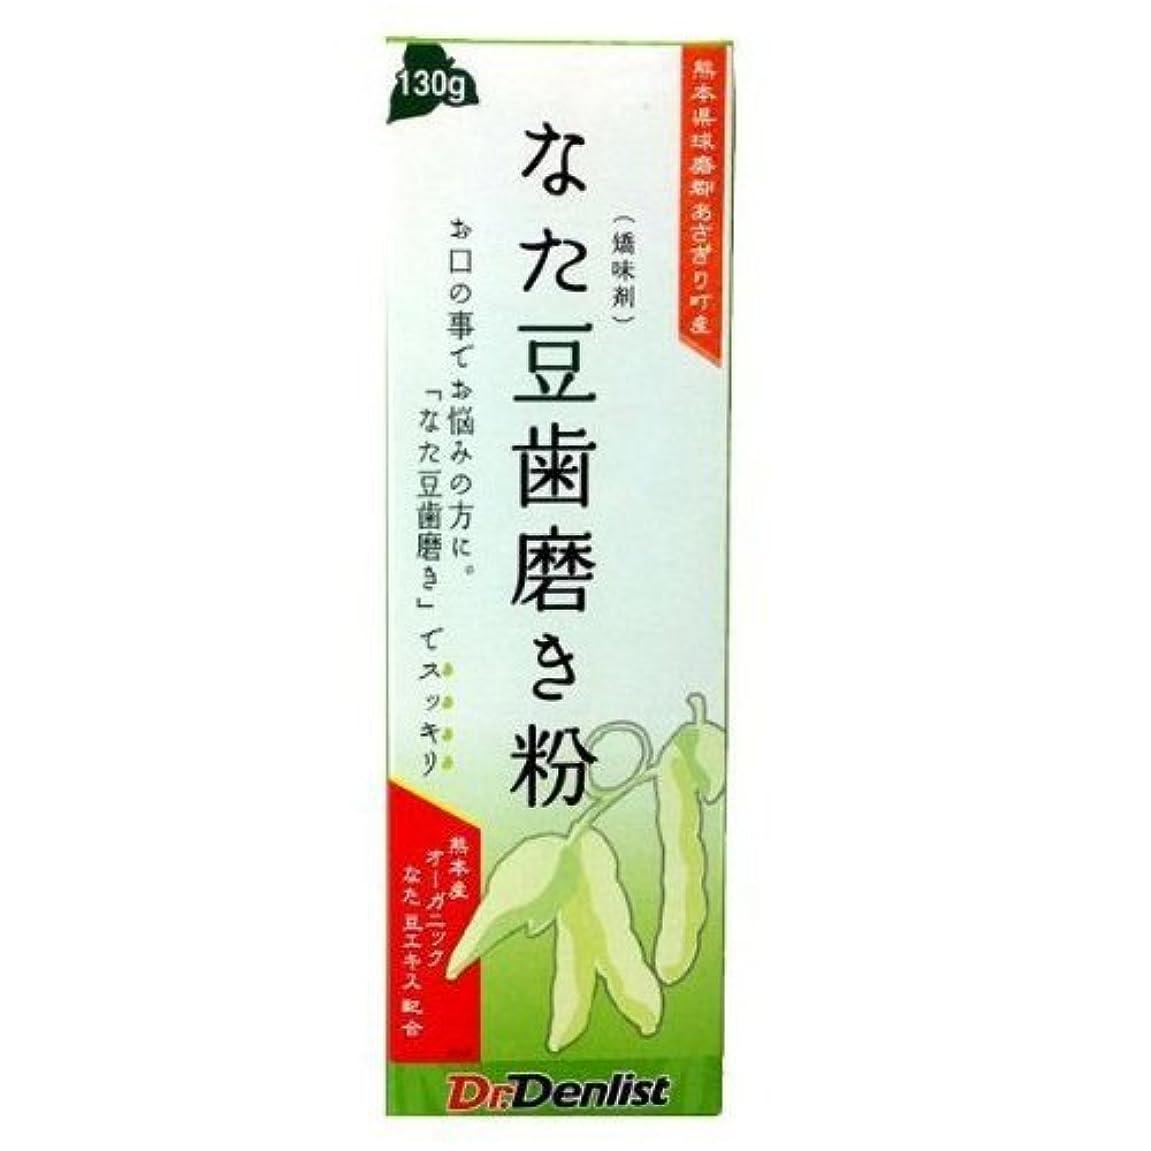 知る裏切り者規範なた豆歯磨き粉 国産 130g 熊本県球磨郡あさぎり町産